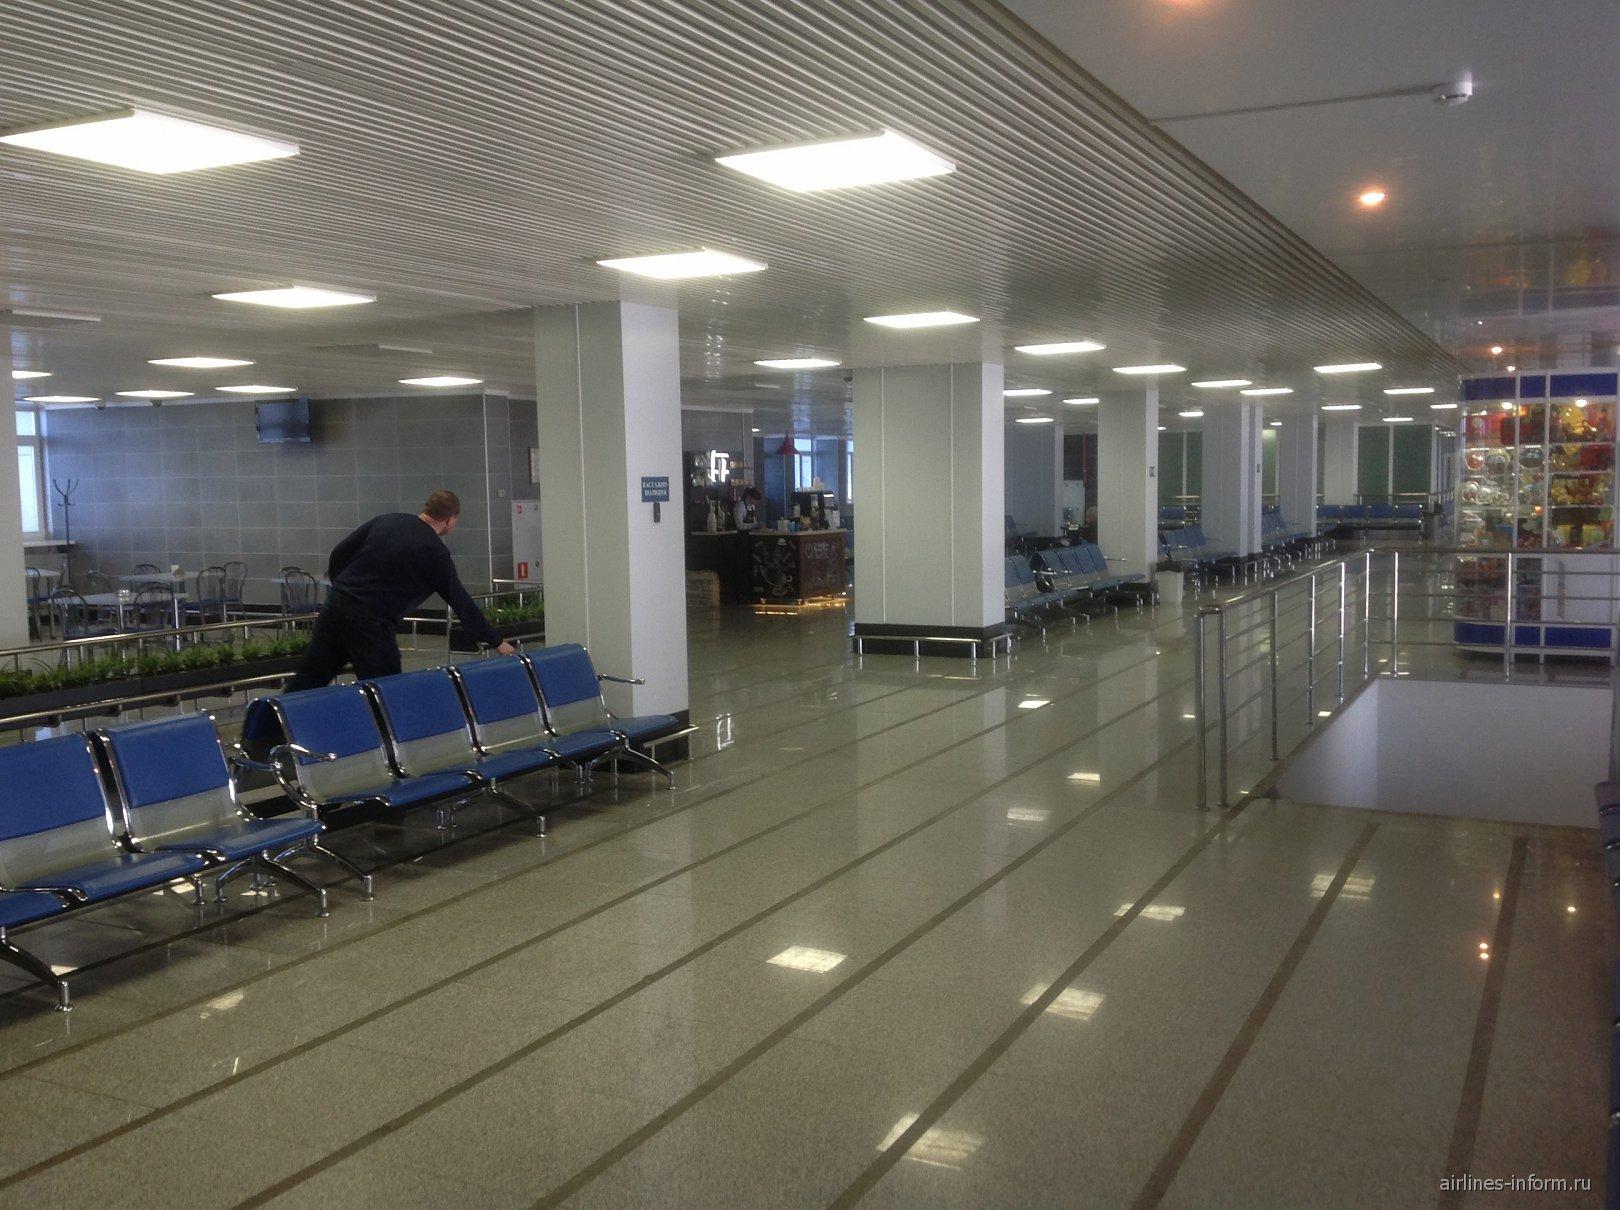 Зал ожидание на втором этаже аэровокзала аэропорта Благовещенск Игнатьево